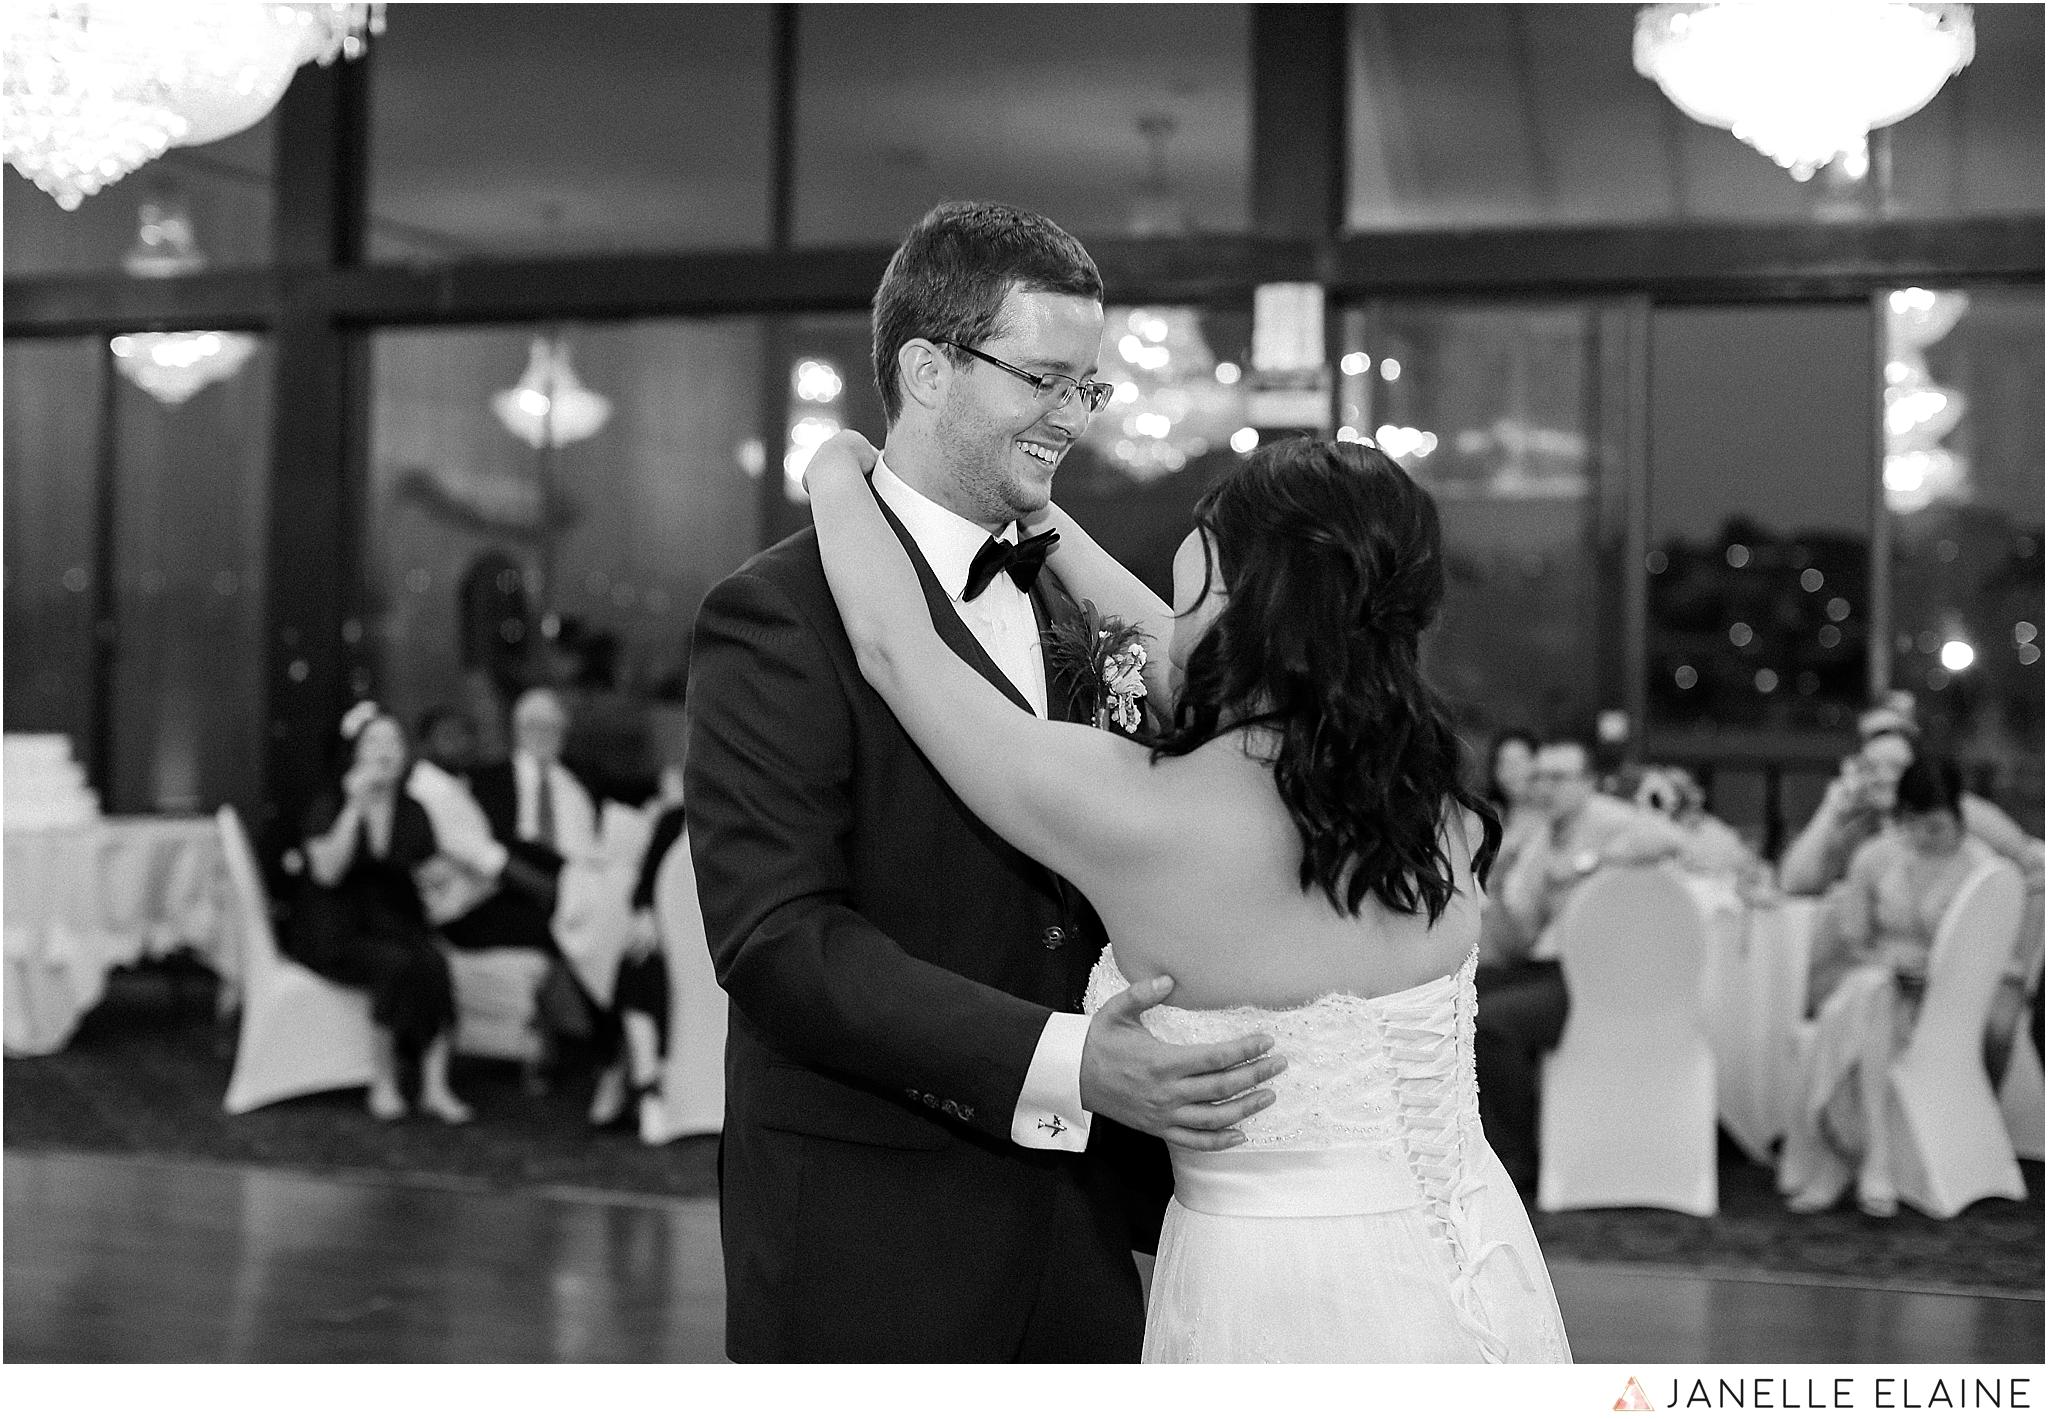 janelle elaine photography-professional wedding photographer seattle--181.jpg